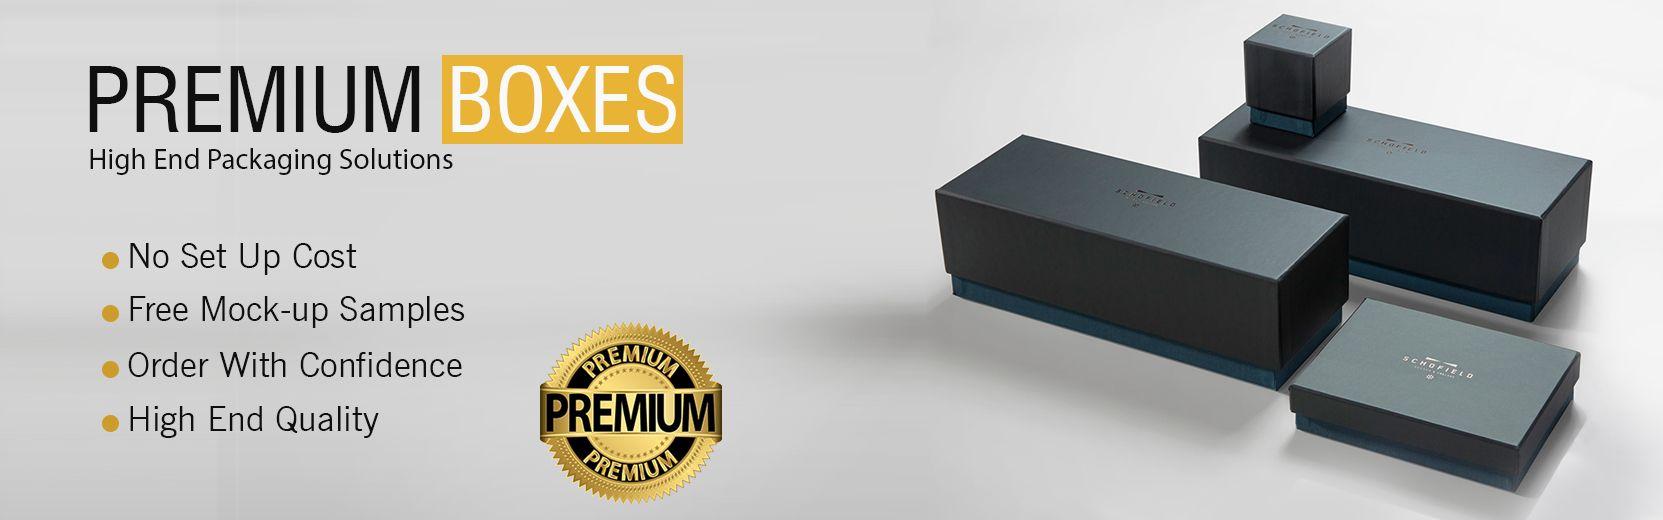 Luxury-Boxes-ThePremiumBoxes